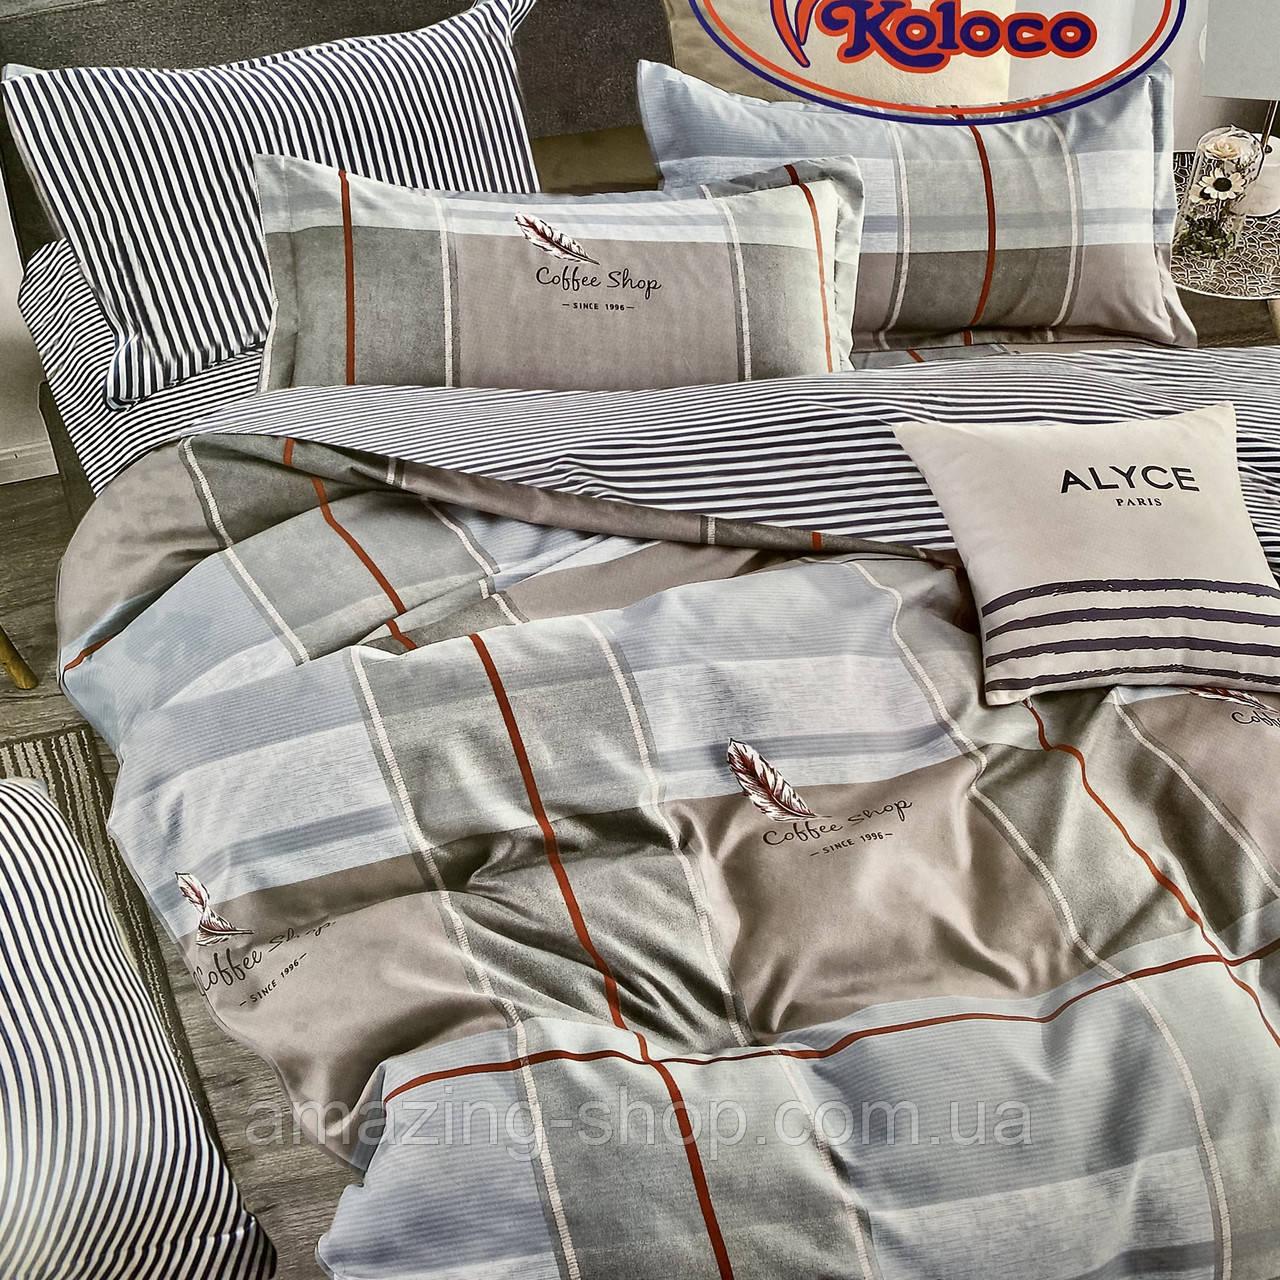 Постельное белье Евро размер Фланелевый комплект постельного белья Хорошее качество